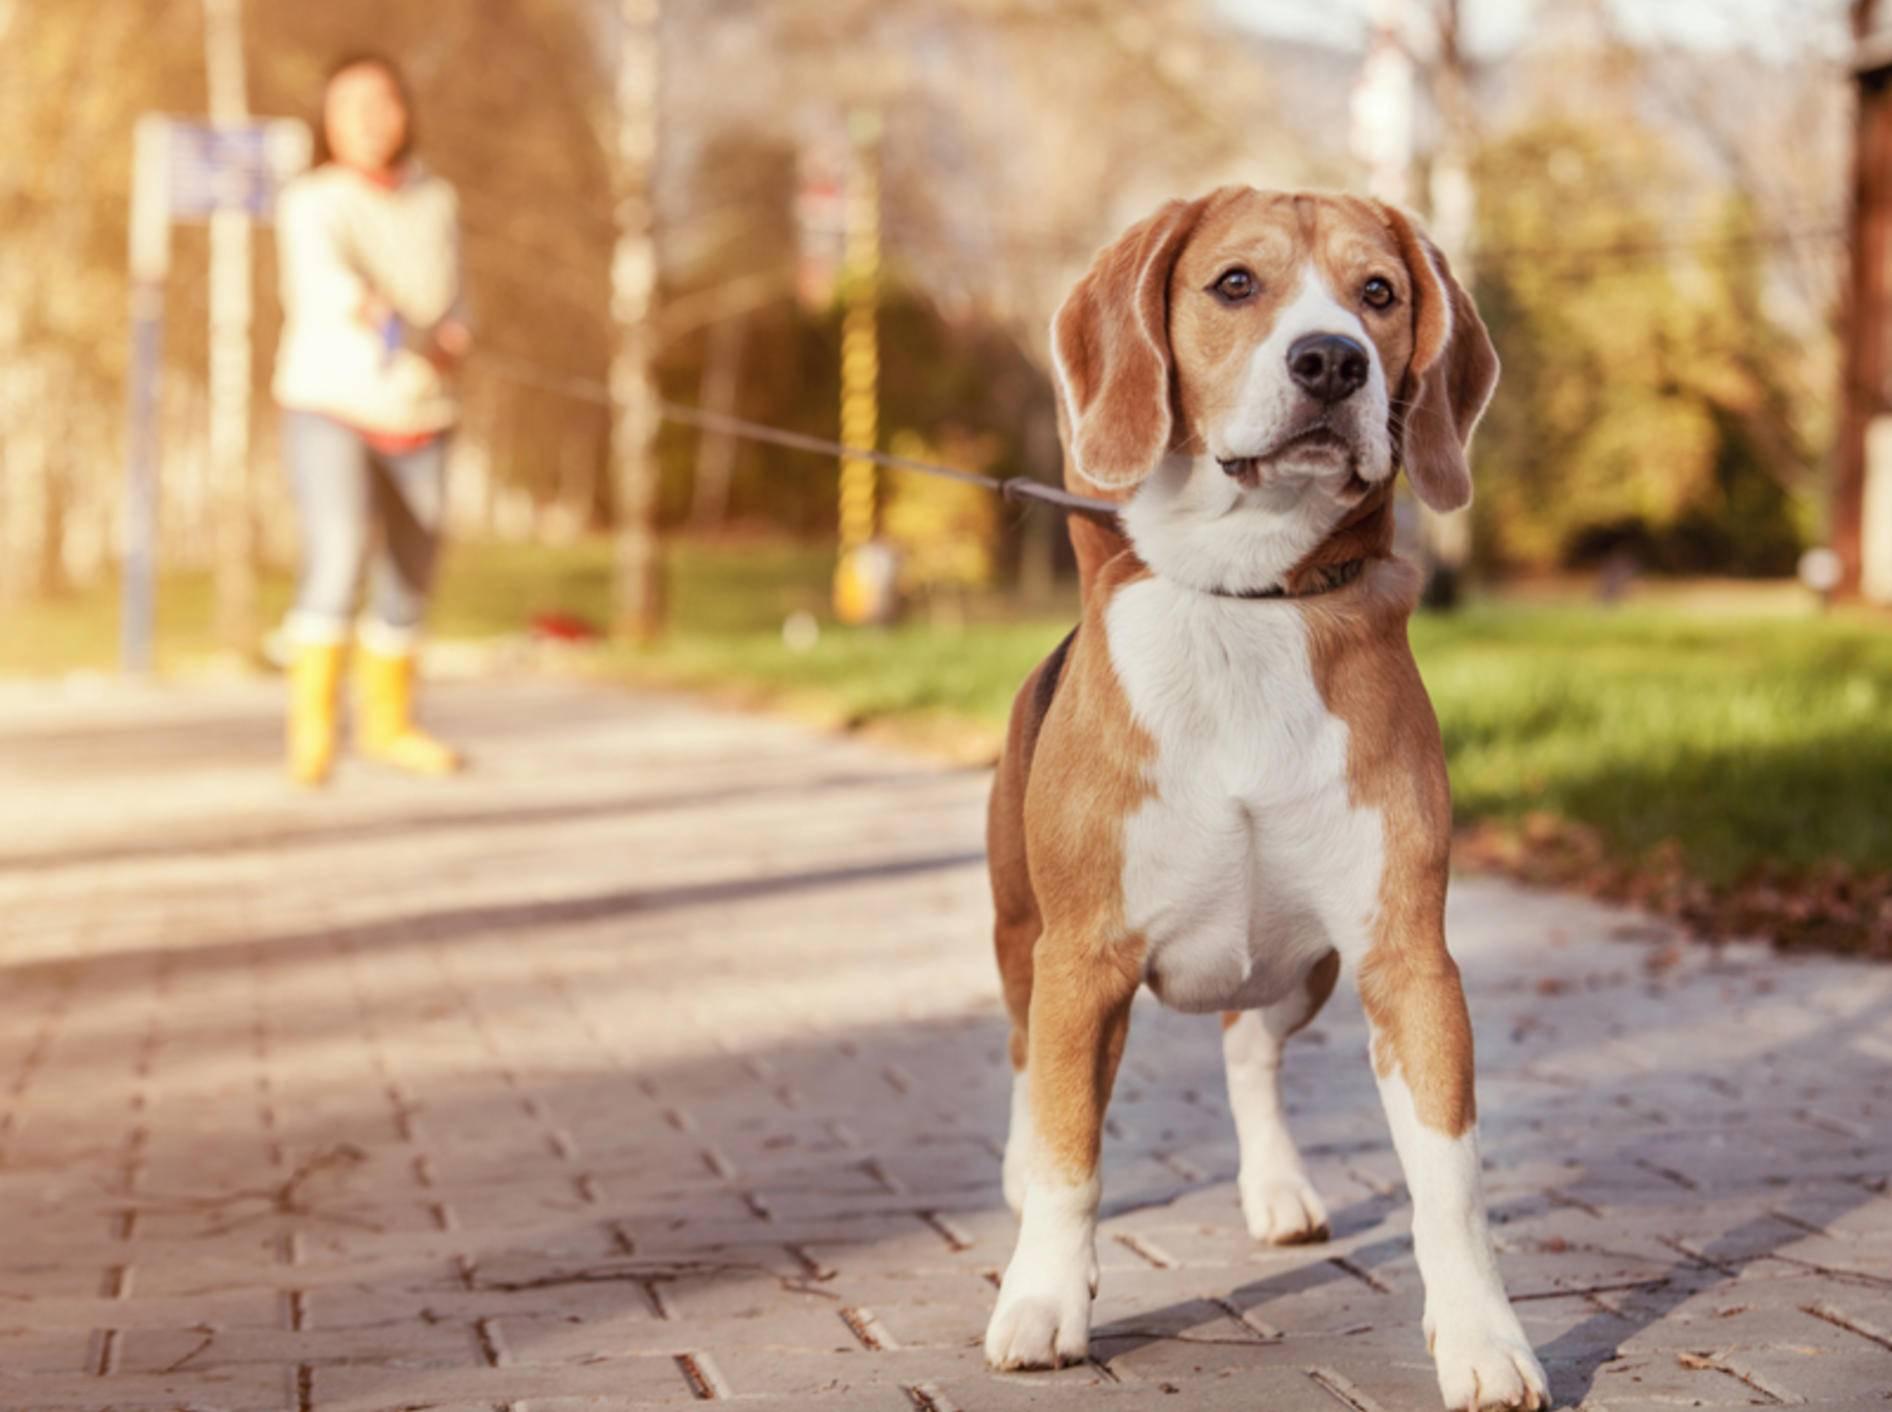 Schleppeleinen werden oft für junge Hunde eingesetzt – Bild: Shutterstock / Soloviova Liudmyla